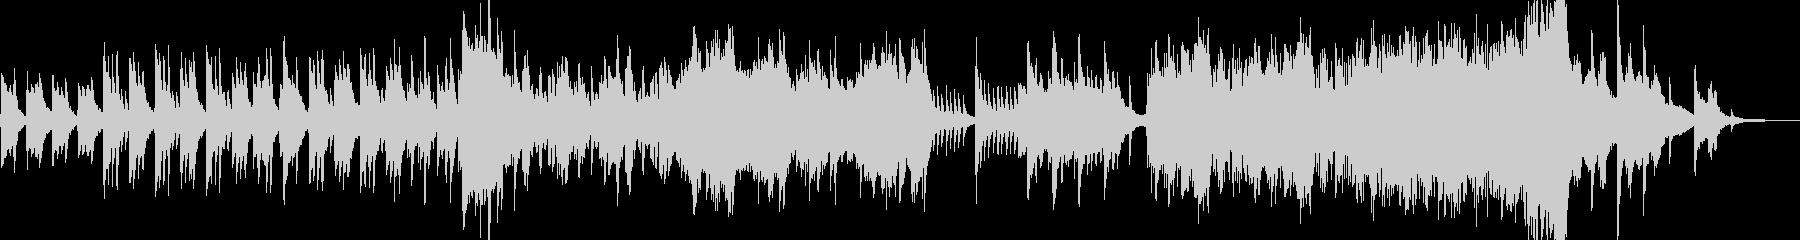 ハープとピアノによる壮大で幻想的なBGMの未再生の波形